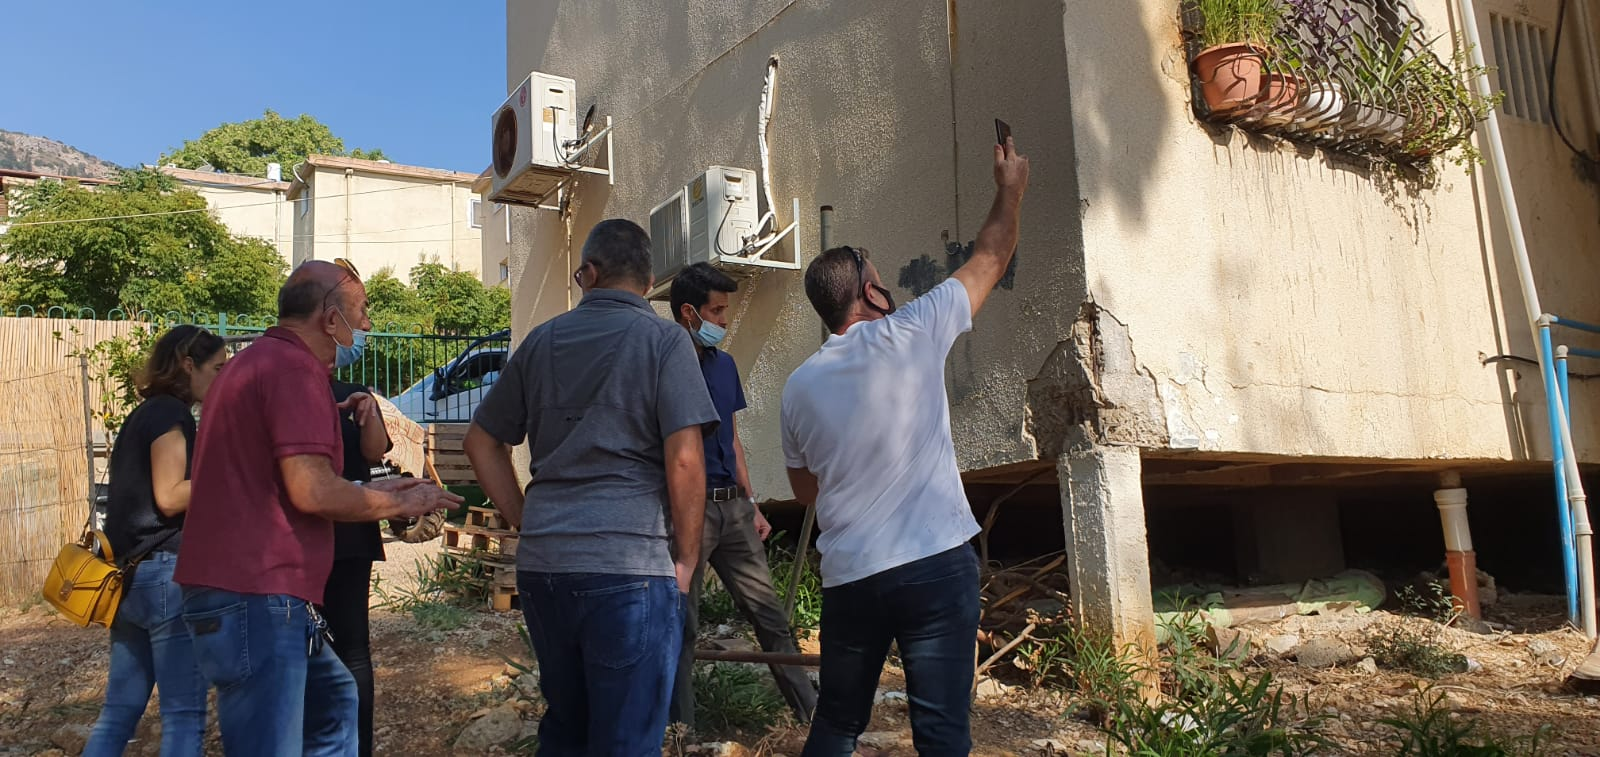 """דו""""ח על מצב הבניינים ברחוב סמטת המלכים יימסר בתחילת השבוע הבא עד אז נאסר על דיירי הבניין לשוב לבתיהם"""